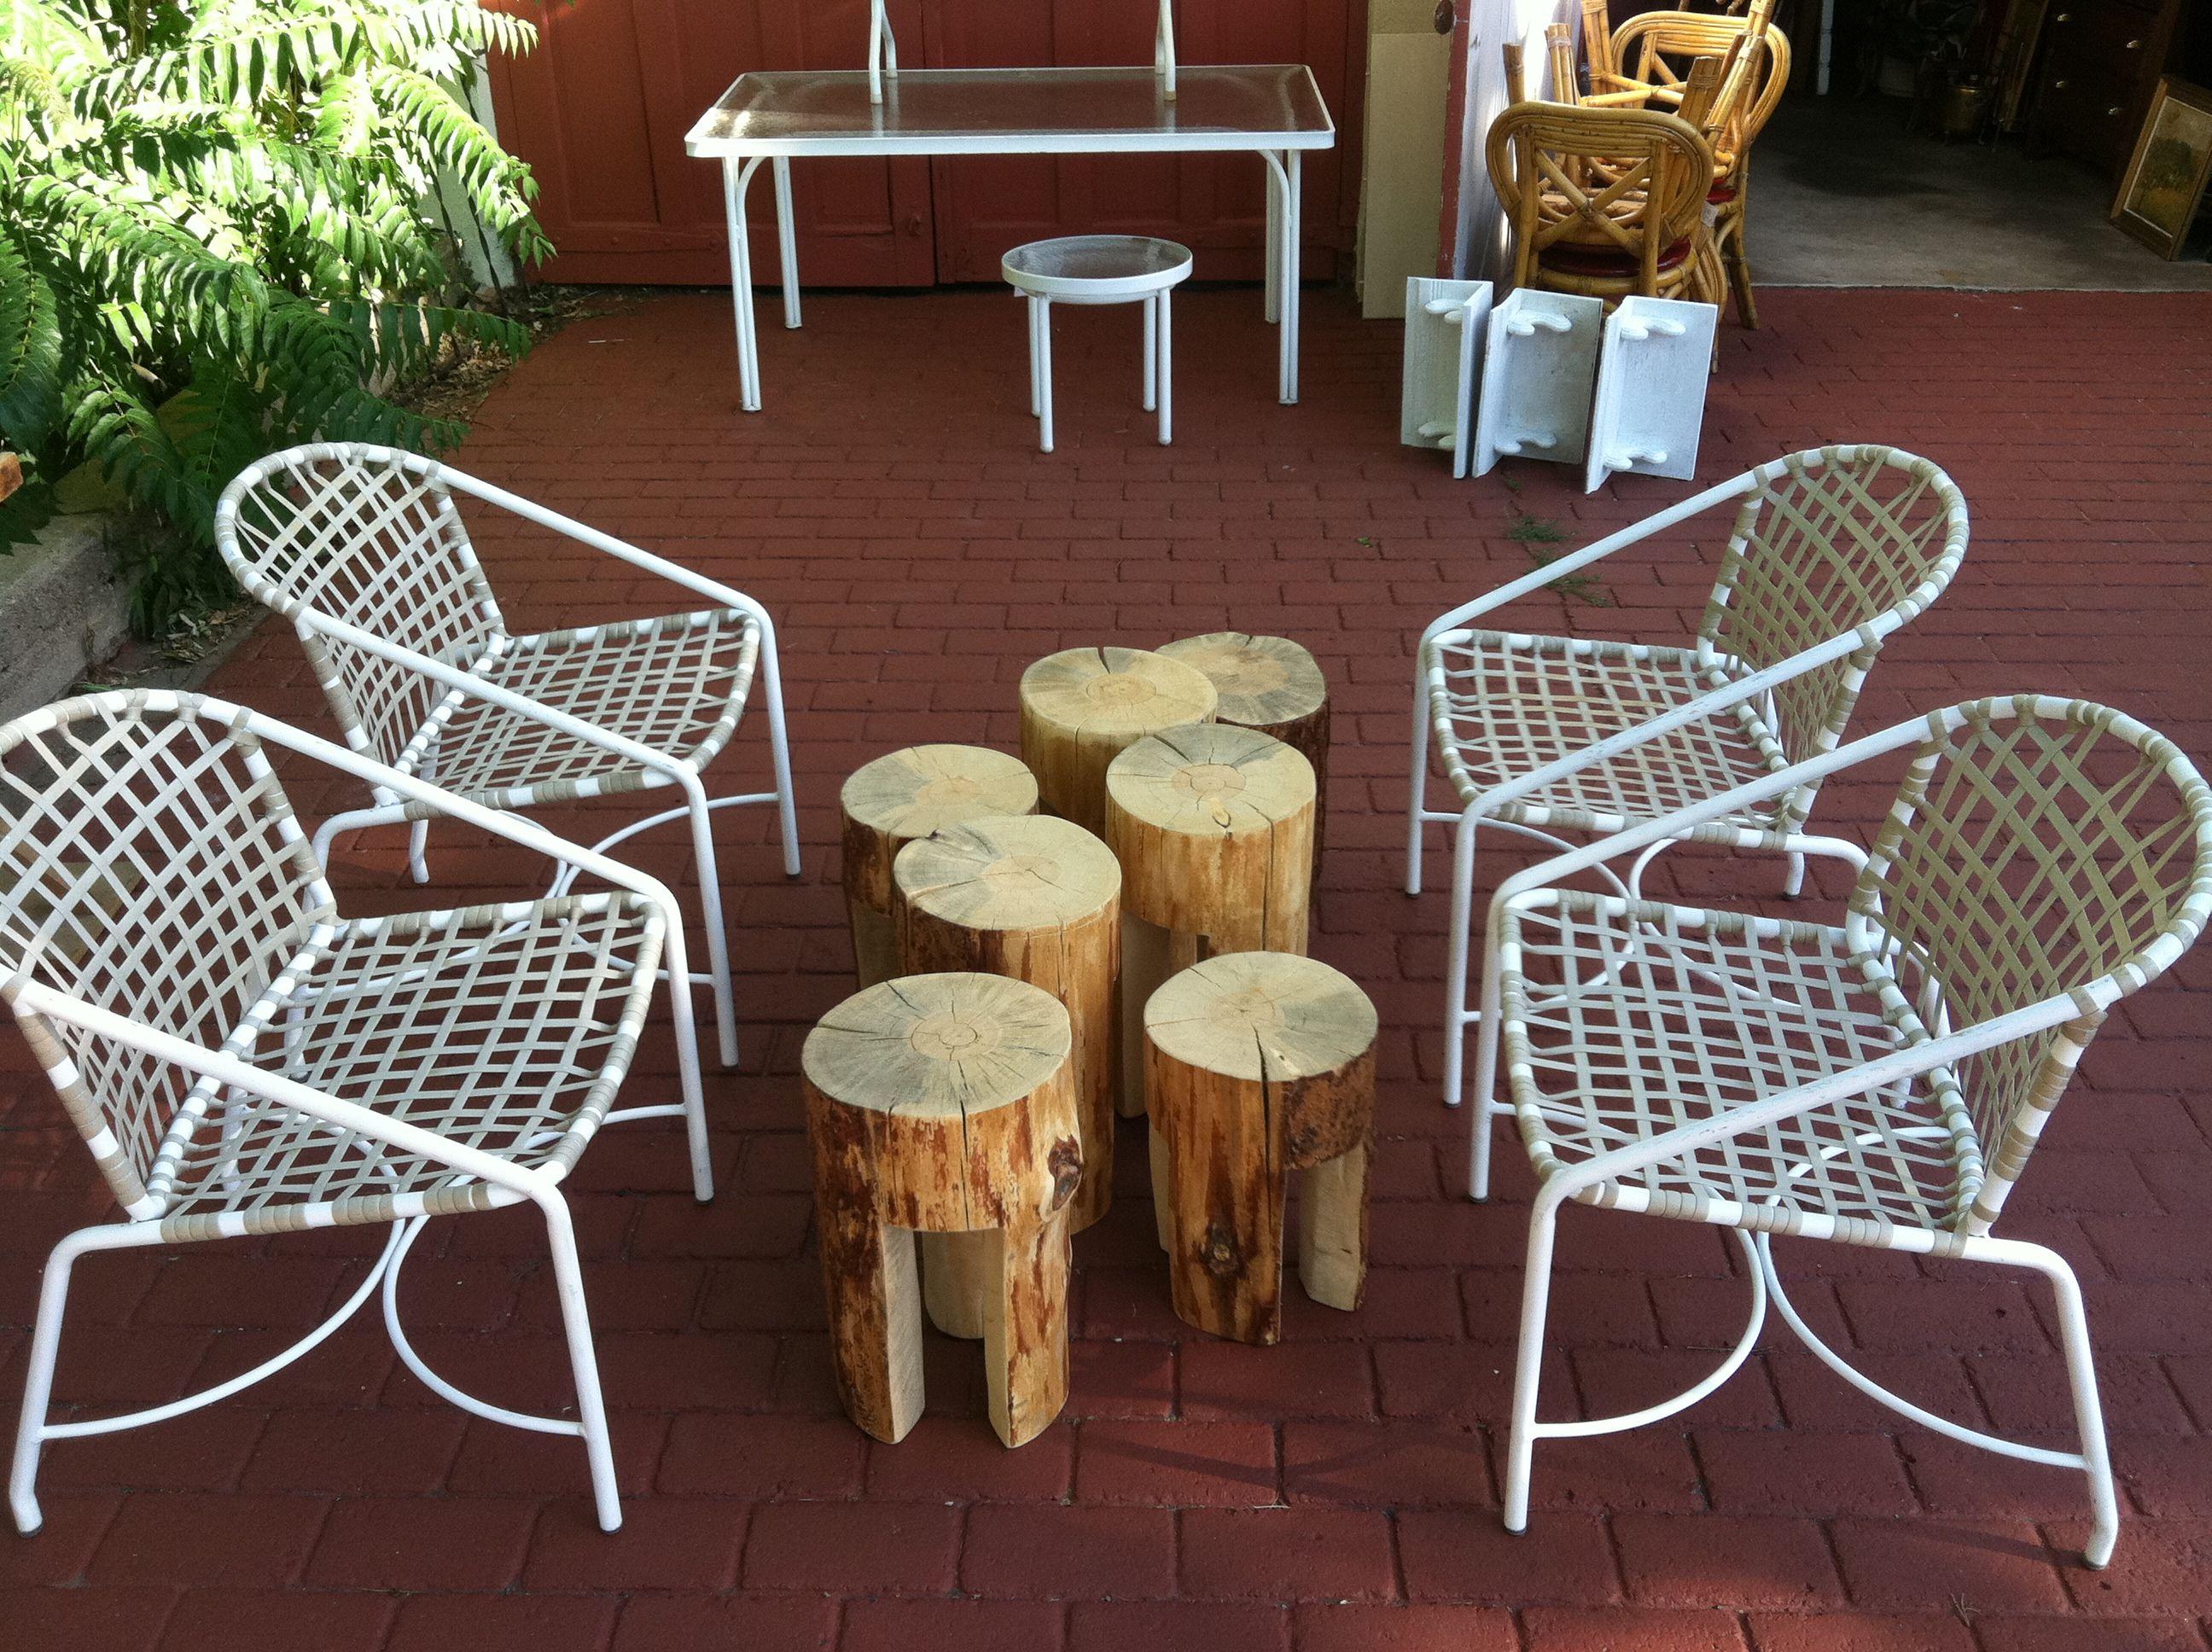 Stump Stools And Vintage Brown Jordan Chairs